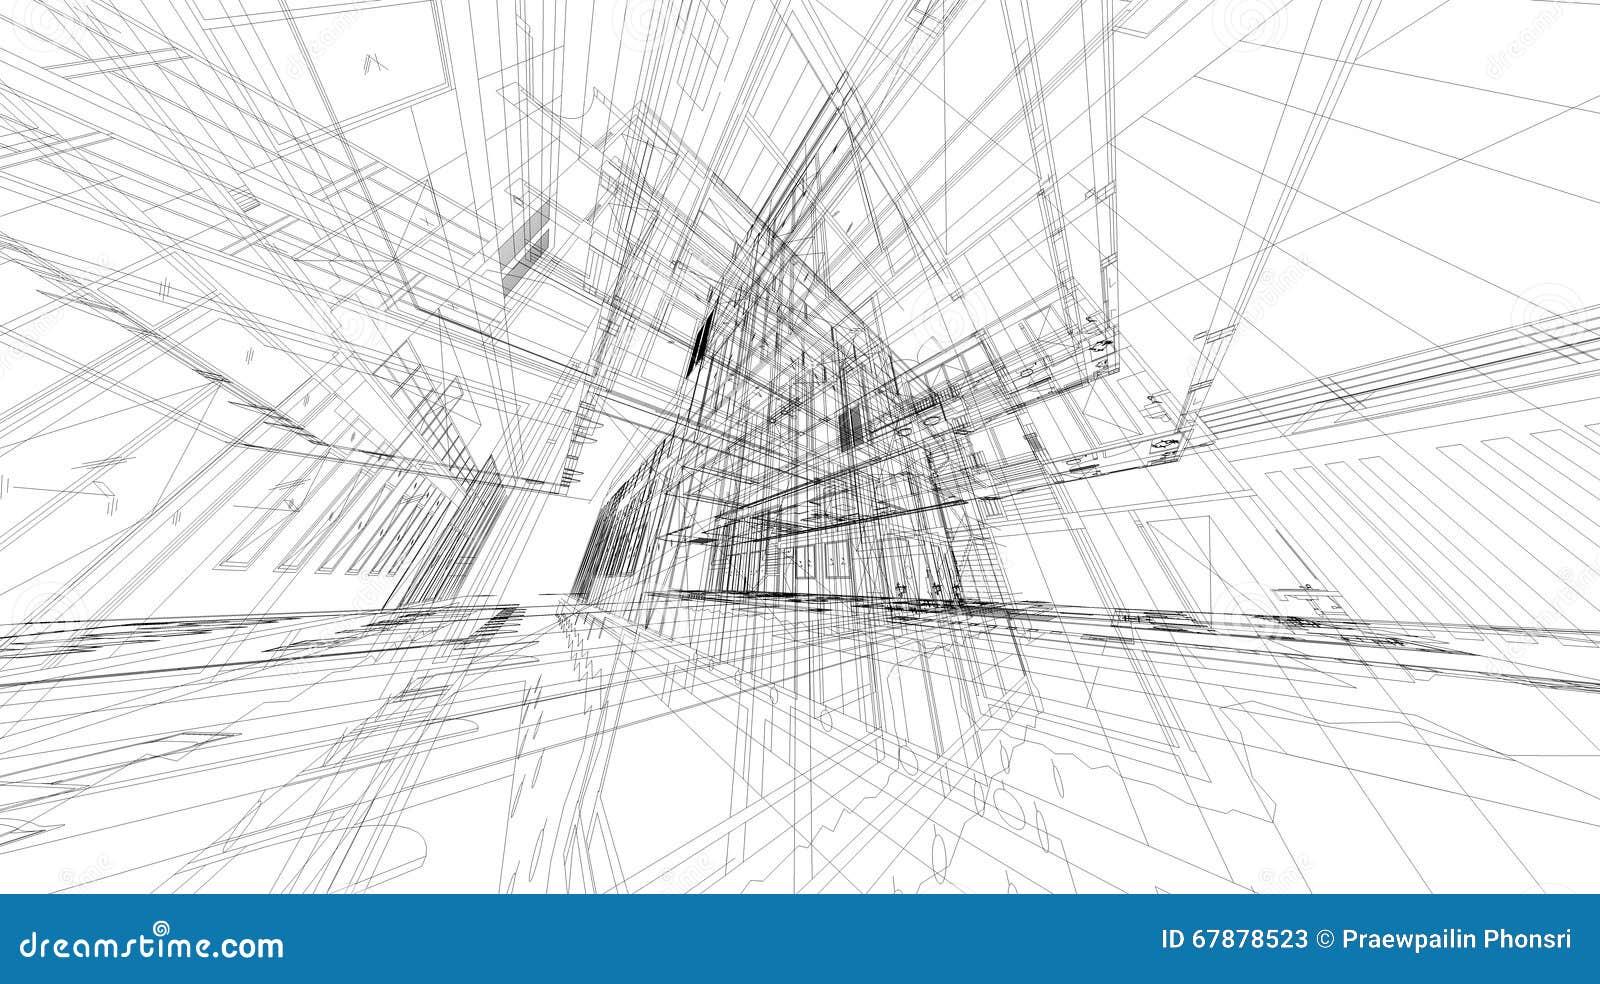 矩阵wireframe空间抽象3D翻译